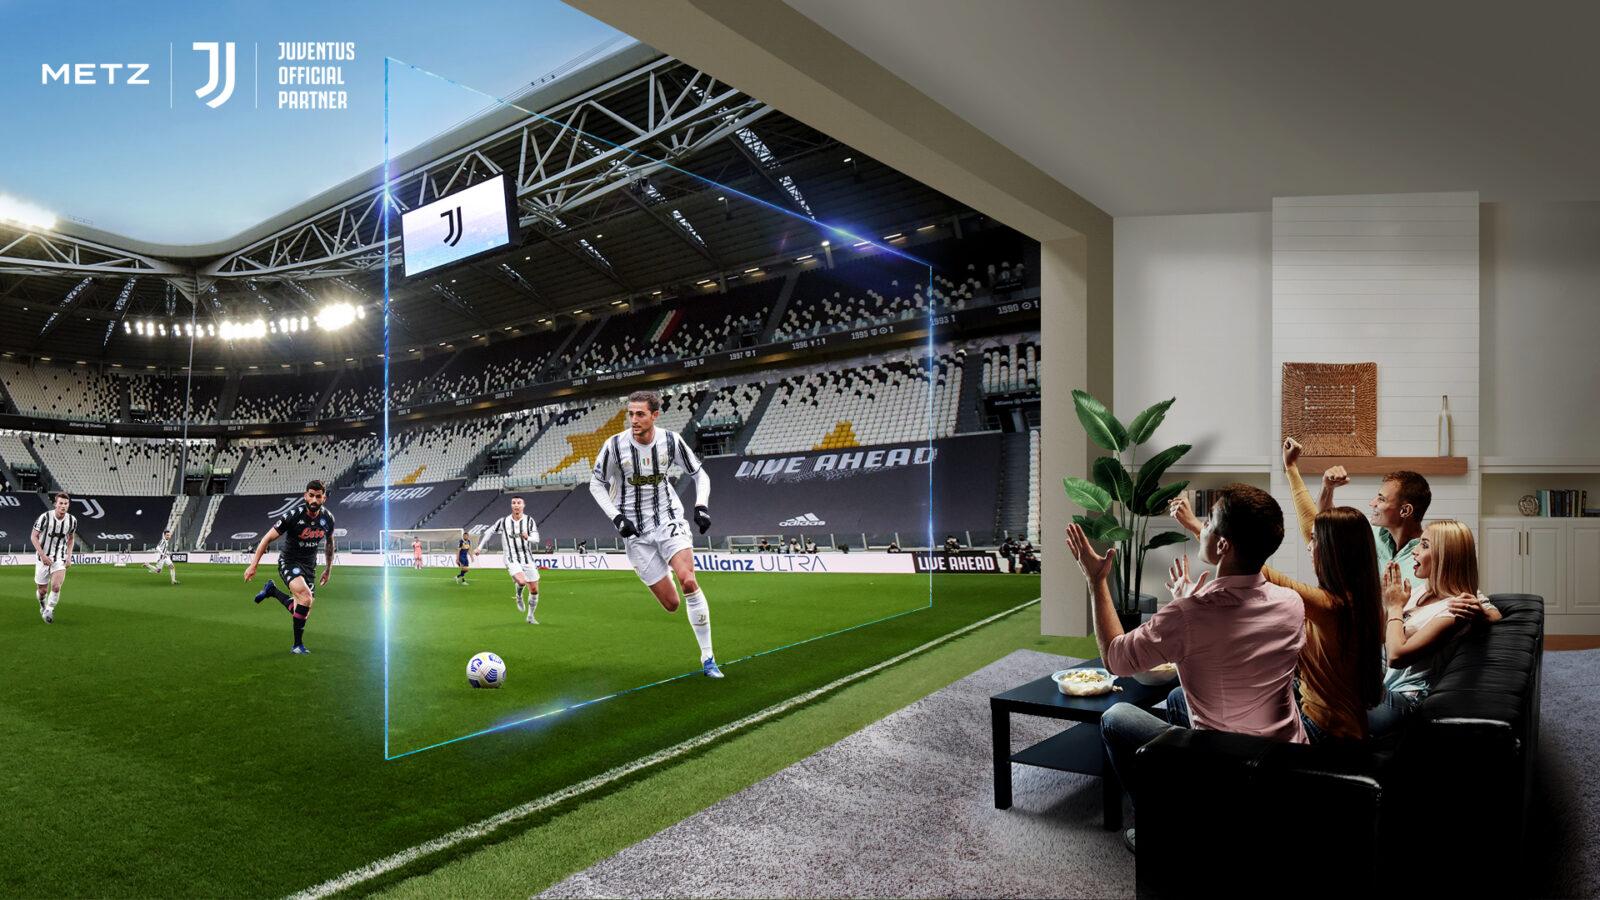 METZ, smart TV tra le più amate. Arriva la collaborazione con la Juve